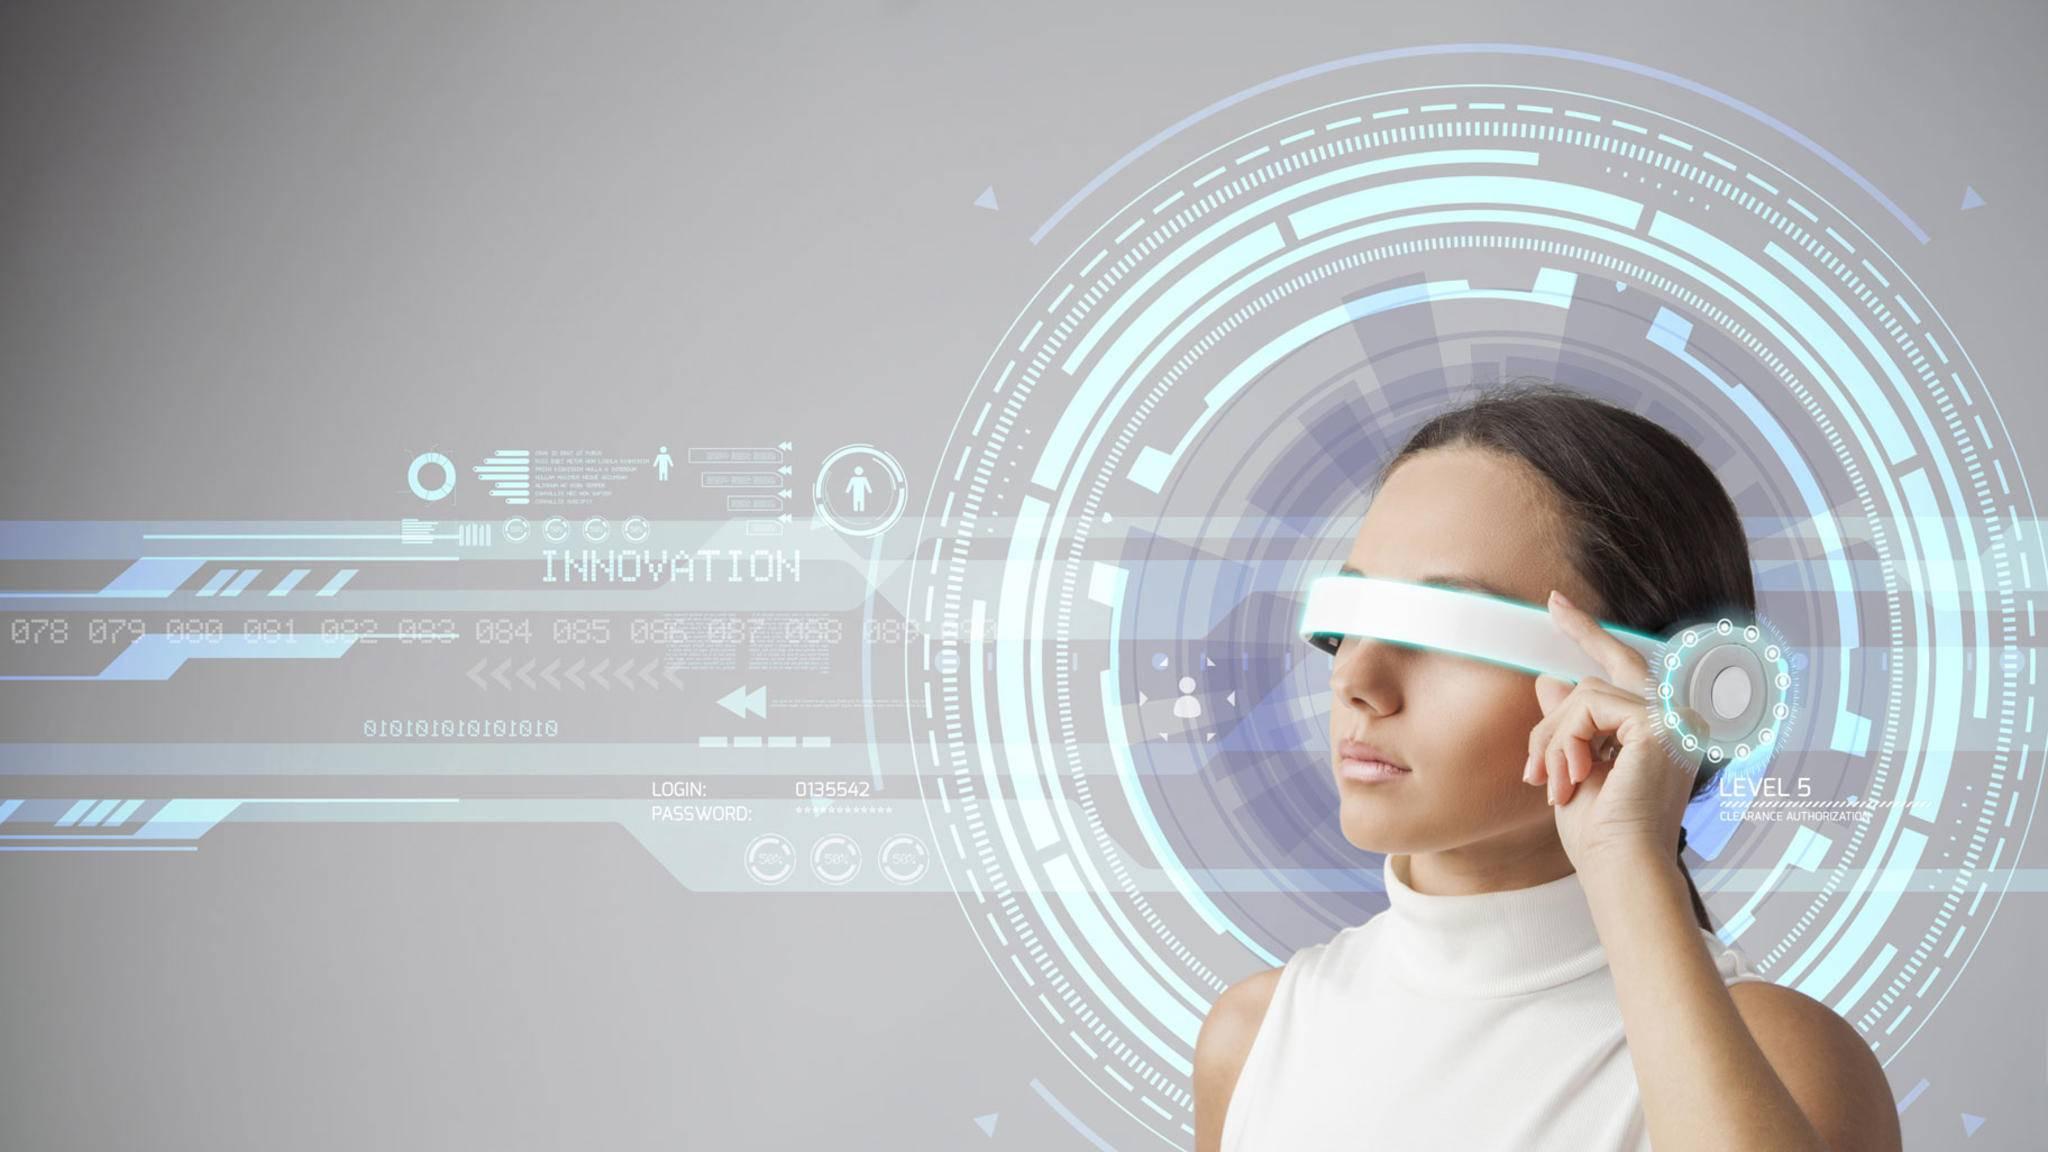 Wird Apple schon im Sommer seine erste AR-Brille vorstellen?